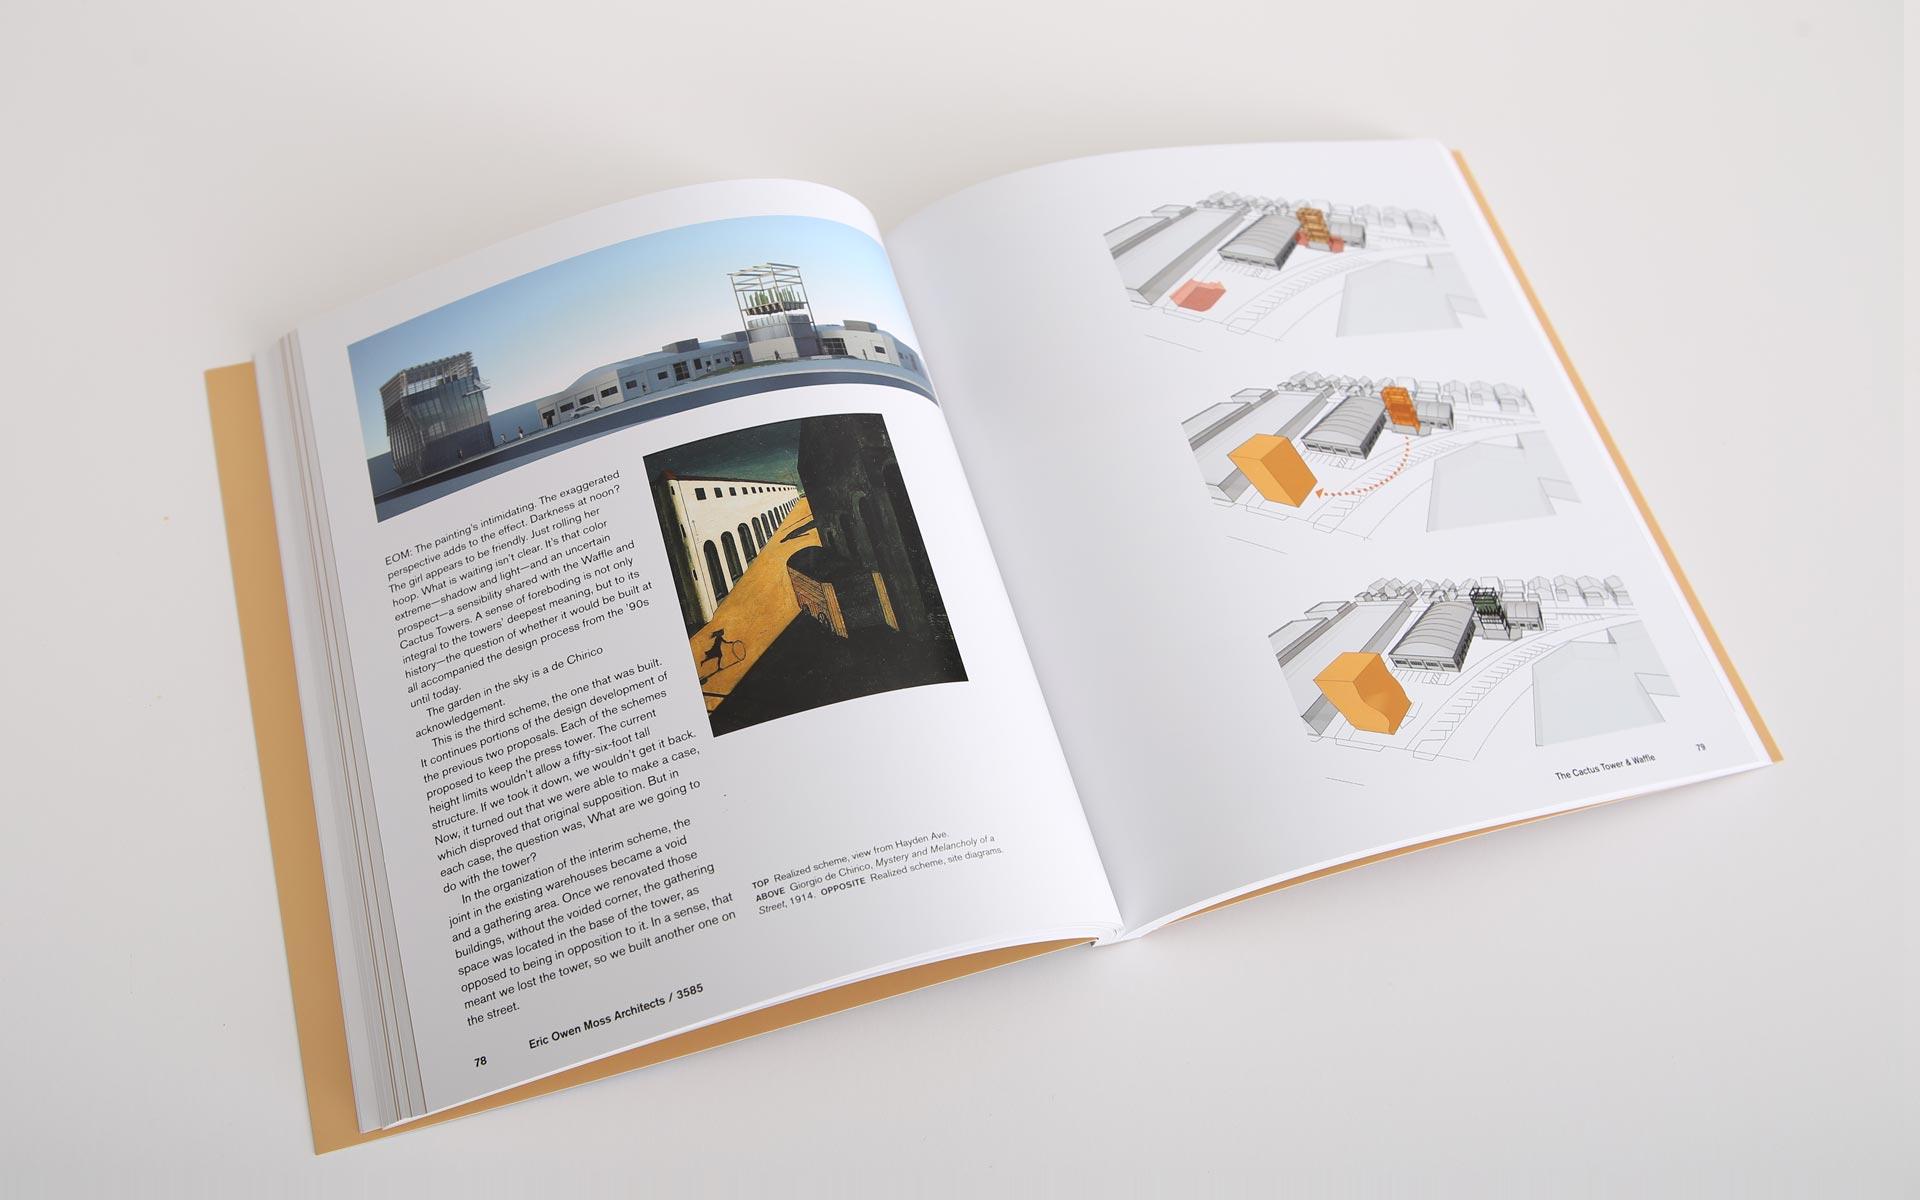 eric-owen-moss-architects-book-design-6